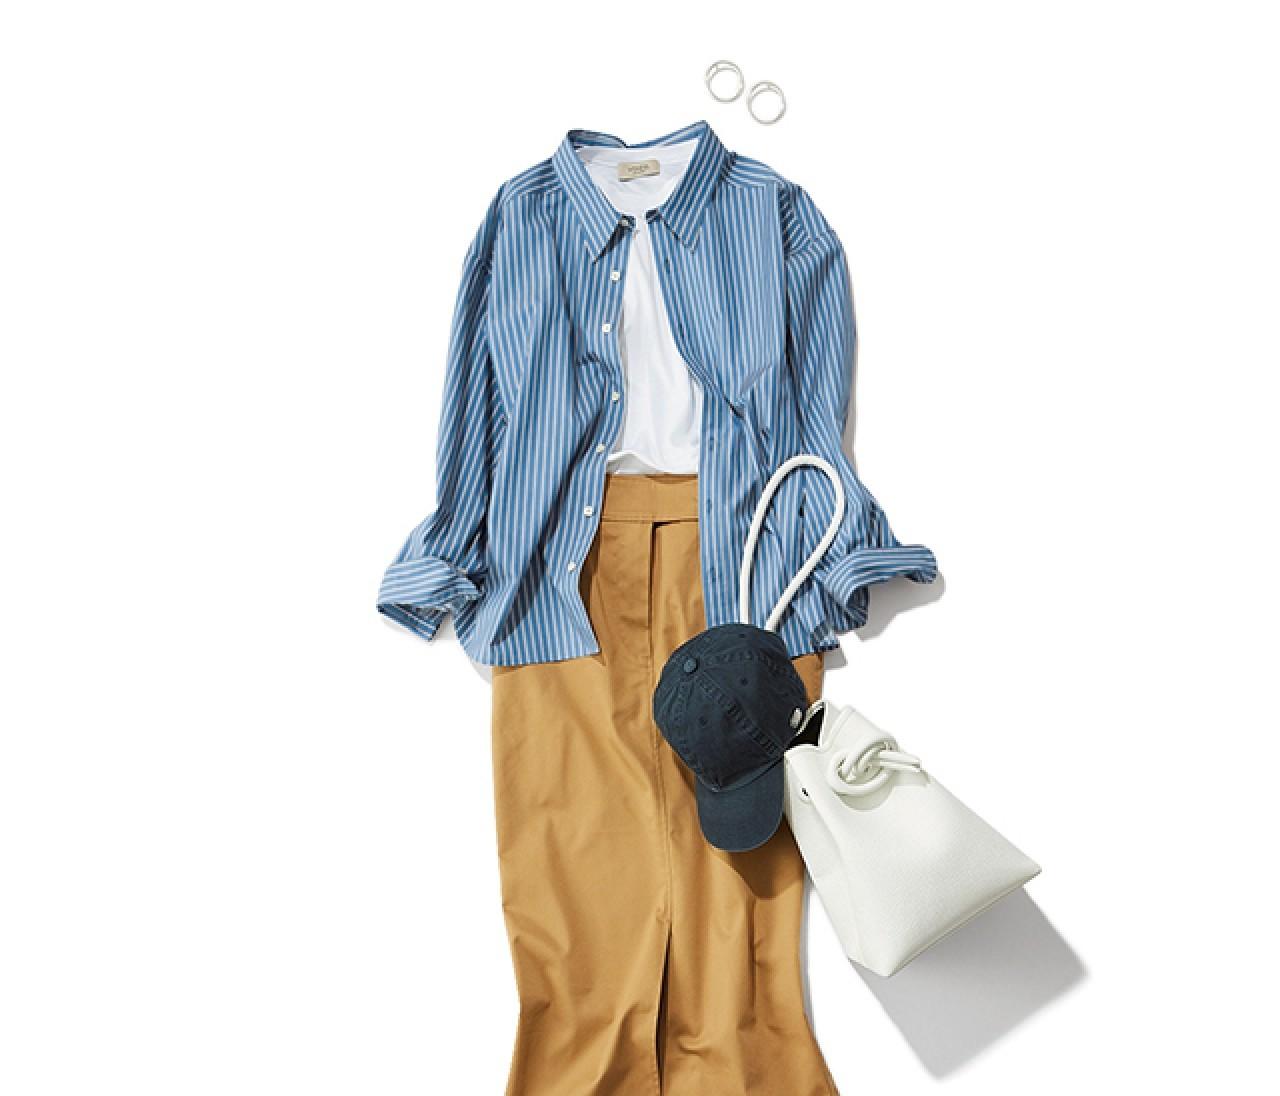 ランチバーベキューの日は、さわやかなストライプシャツのボーイッシュスタイル【2019/3/23のコーデ】